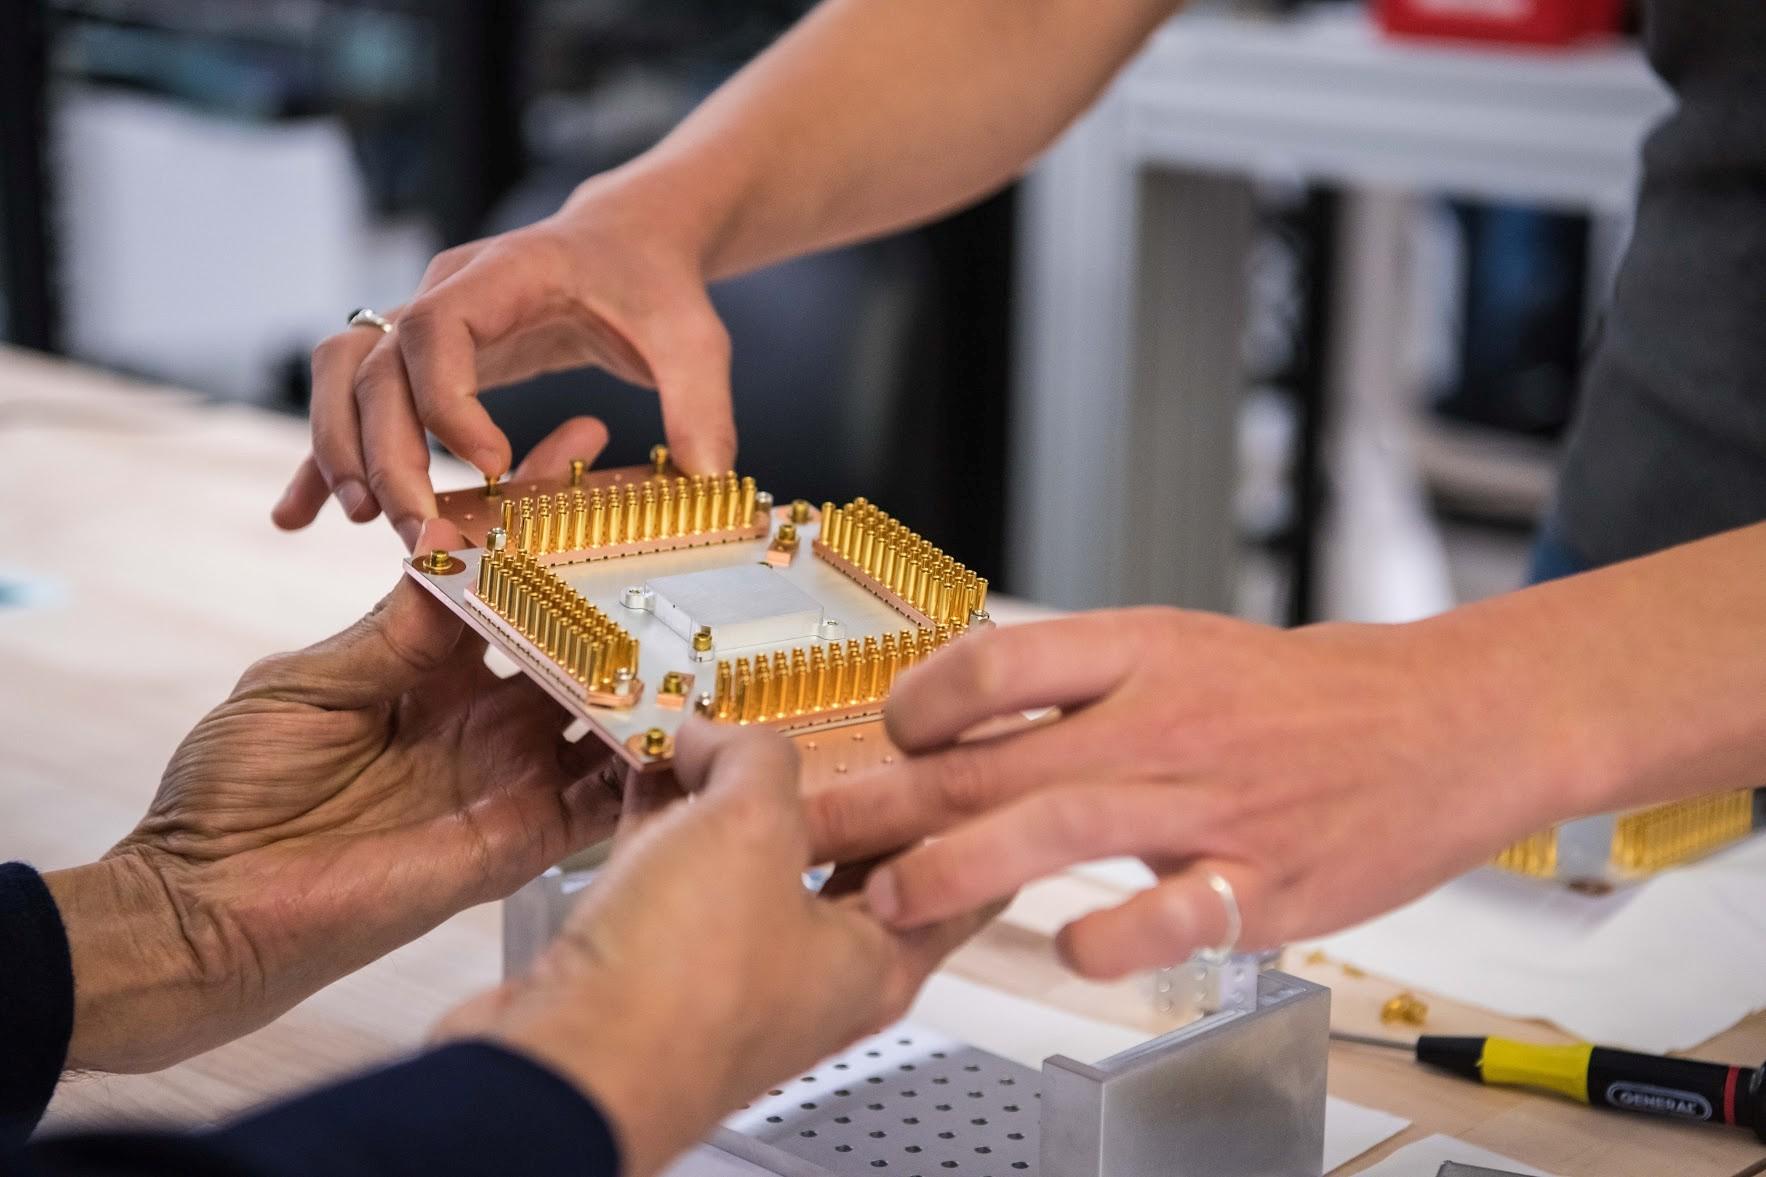 Alemanha vai investir 2 bilhões de euros em computação quântica